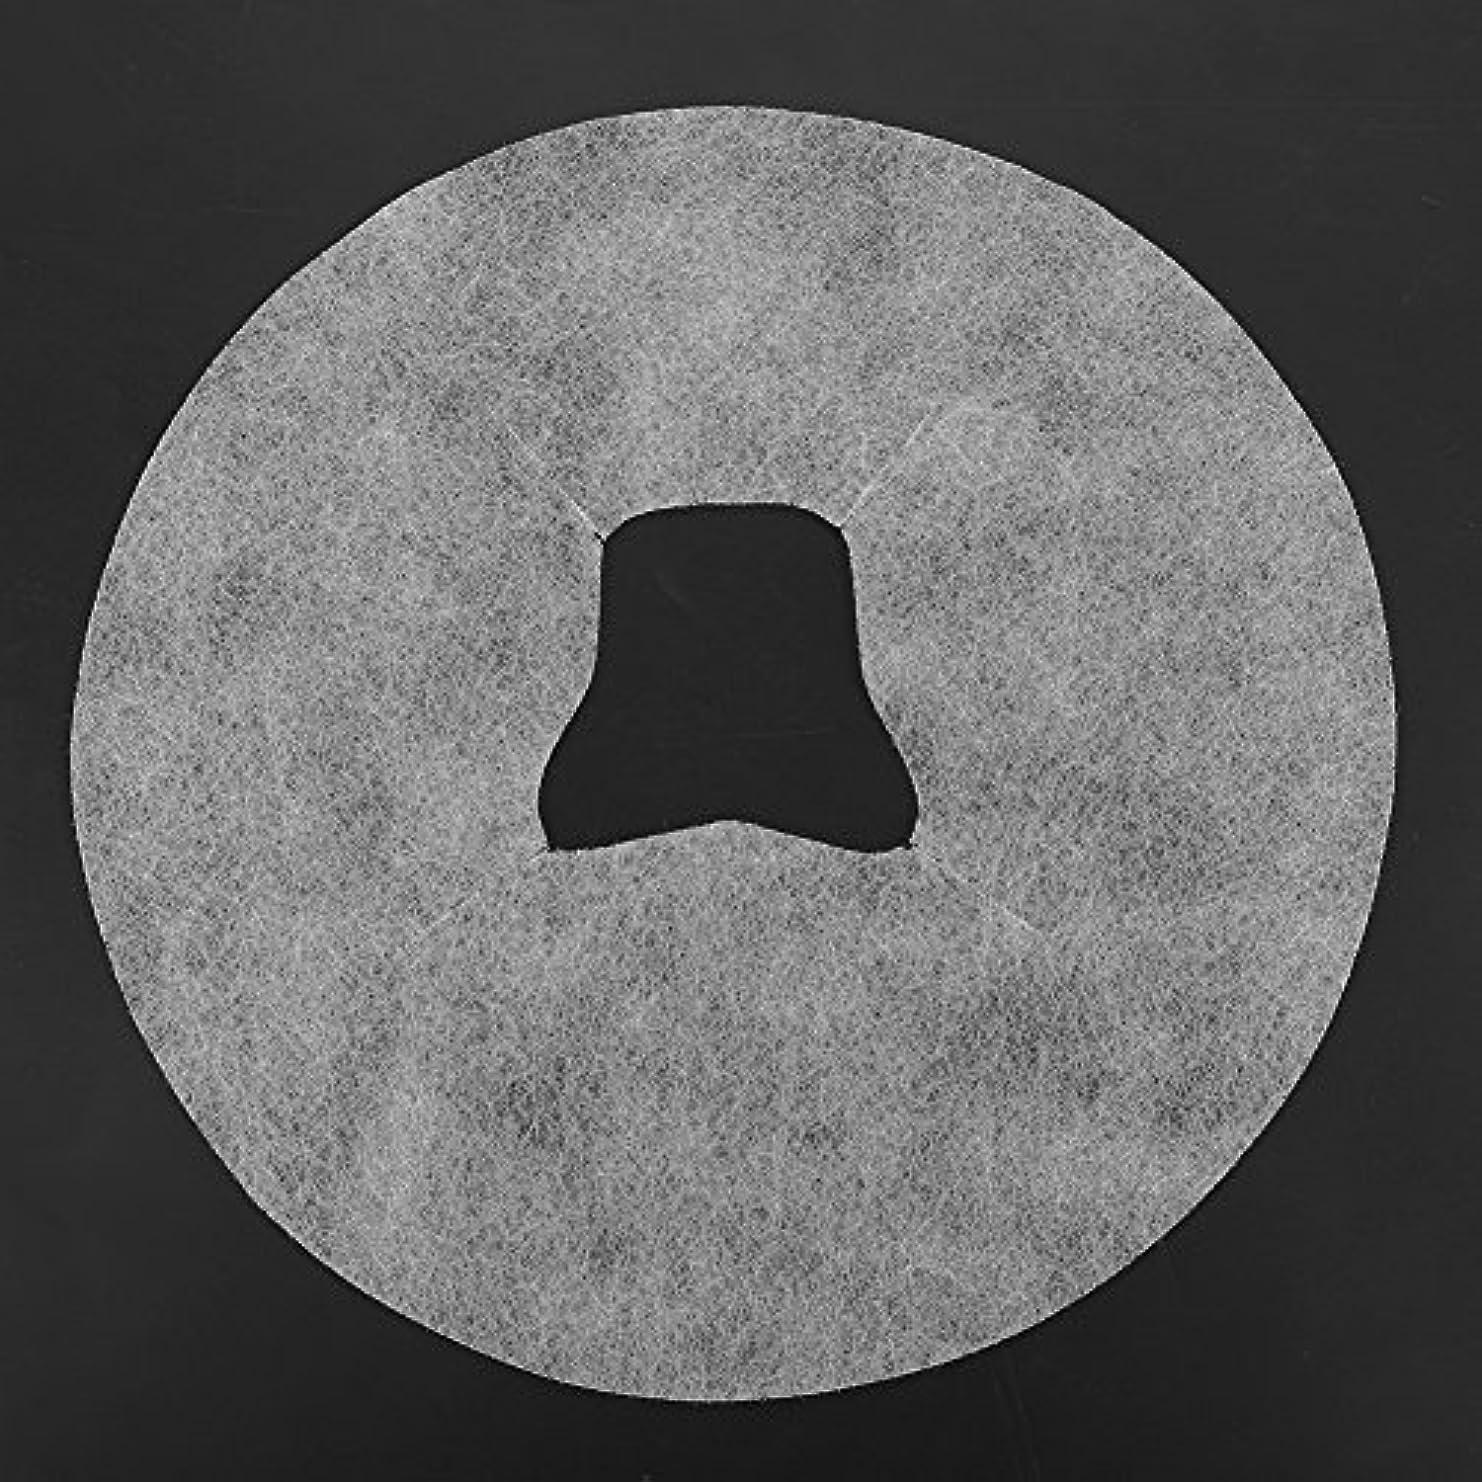 誘惑する許容できるショットSoarUp 【100枚入】 フェイスマッサージパッド 使い捨てタオル 顔用 使い捨て 不織布材料 通気性 美容院?スパ?美容マッサージ専用 衛生的 安全 ホワイト